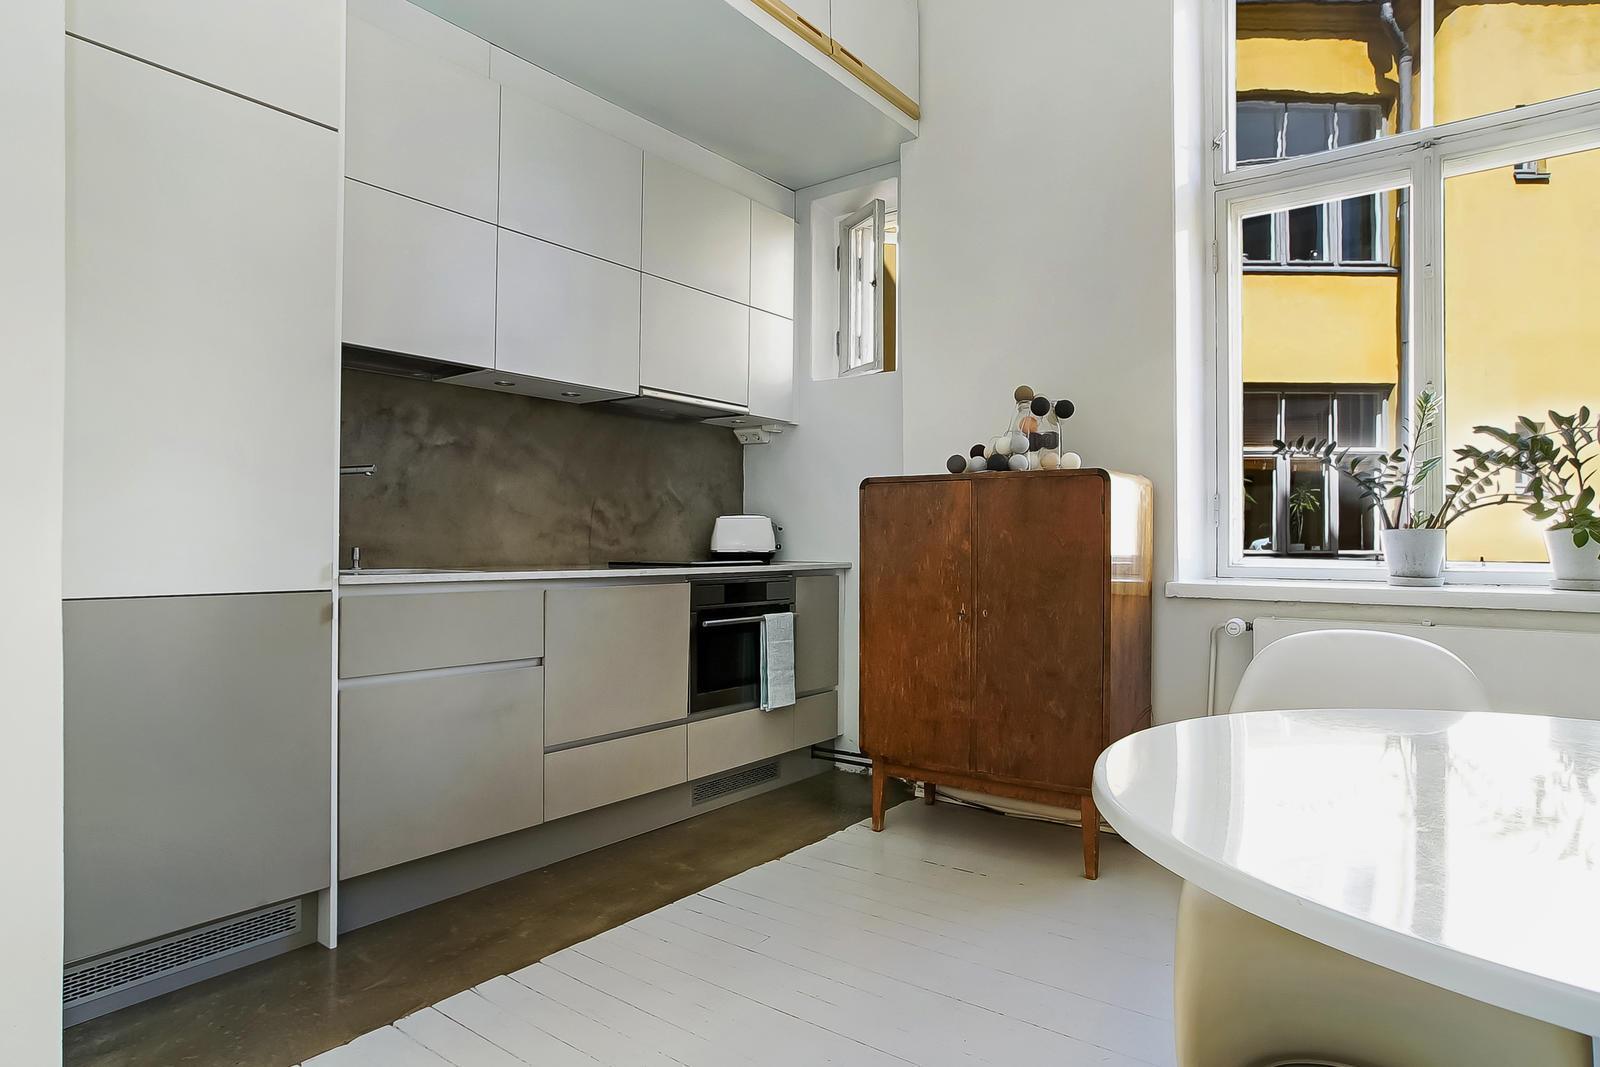 Selkeä ja tyylikäs yksiön keittiö  Etuovi com Ideat & vinki